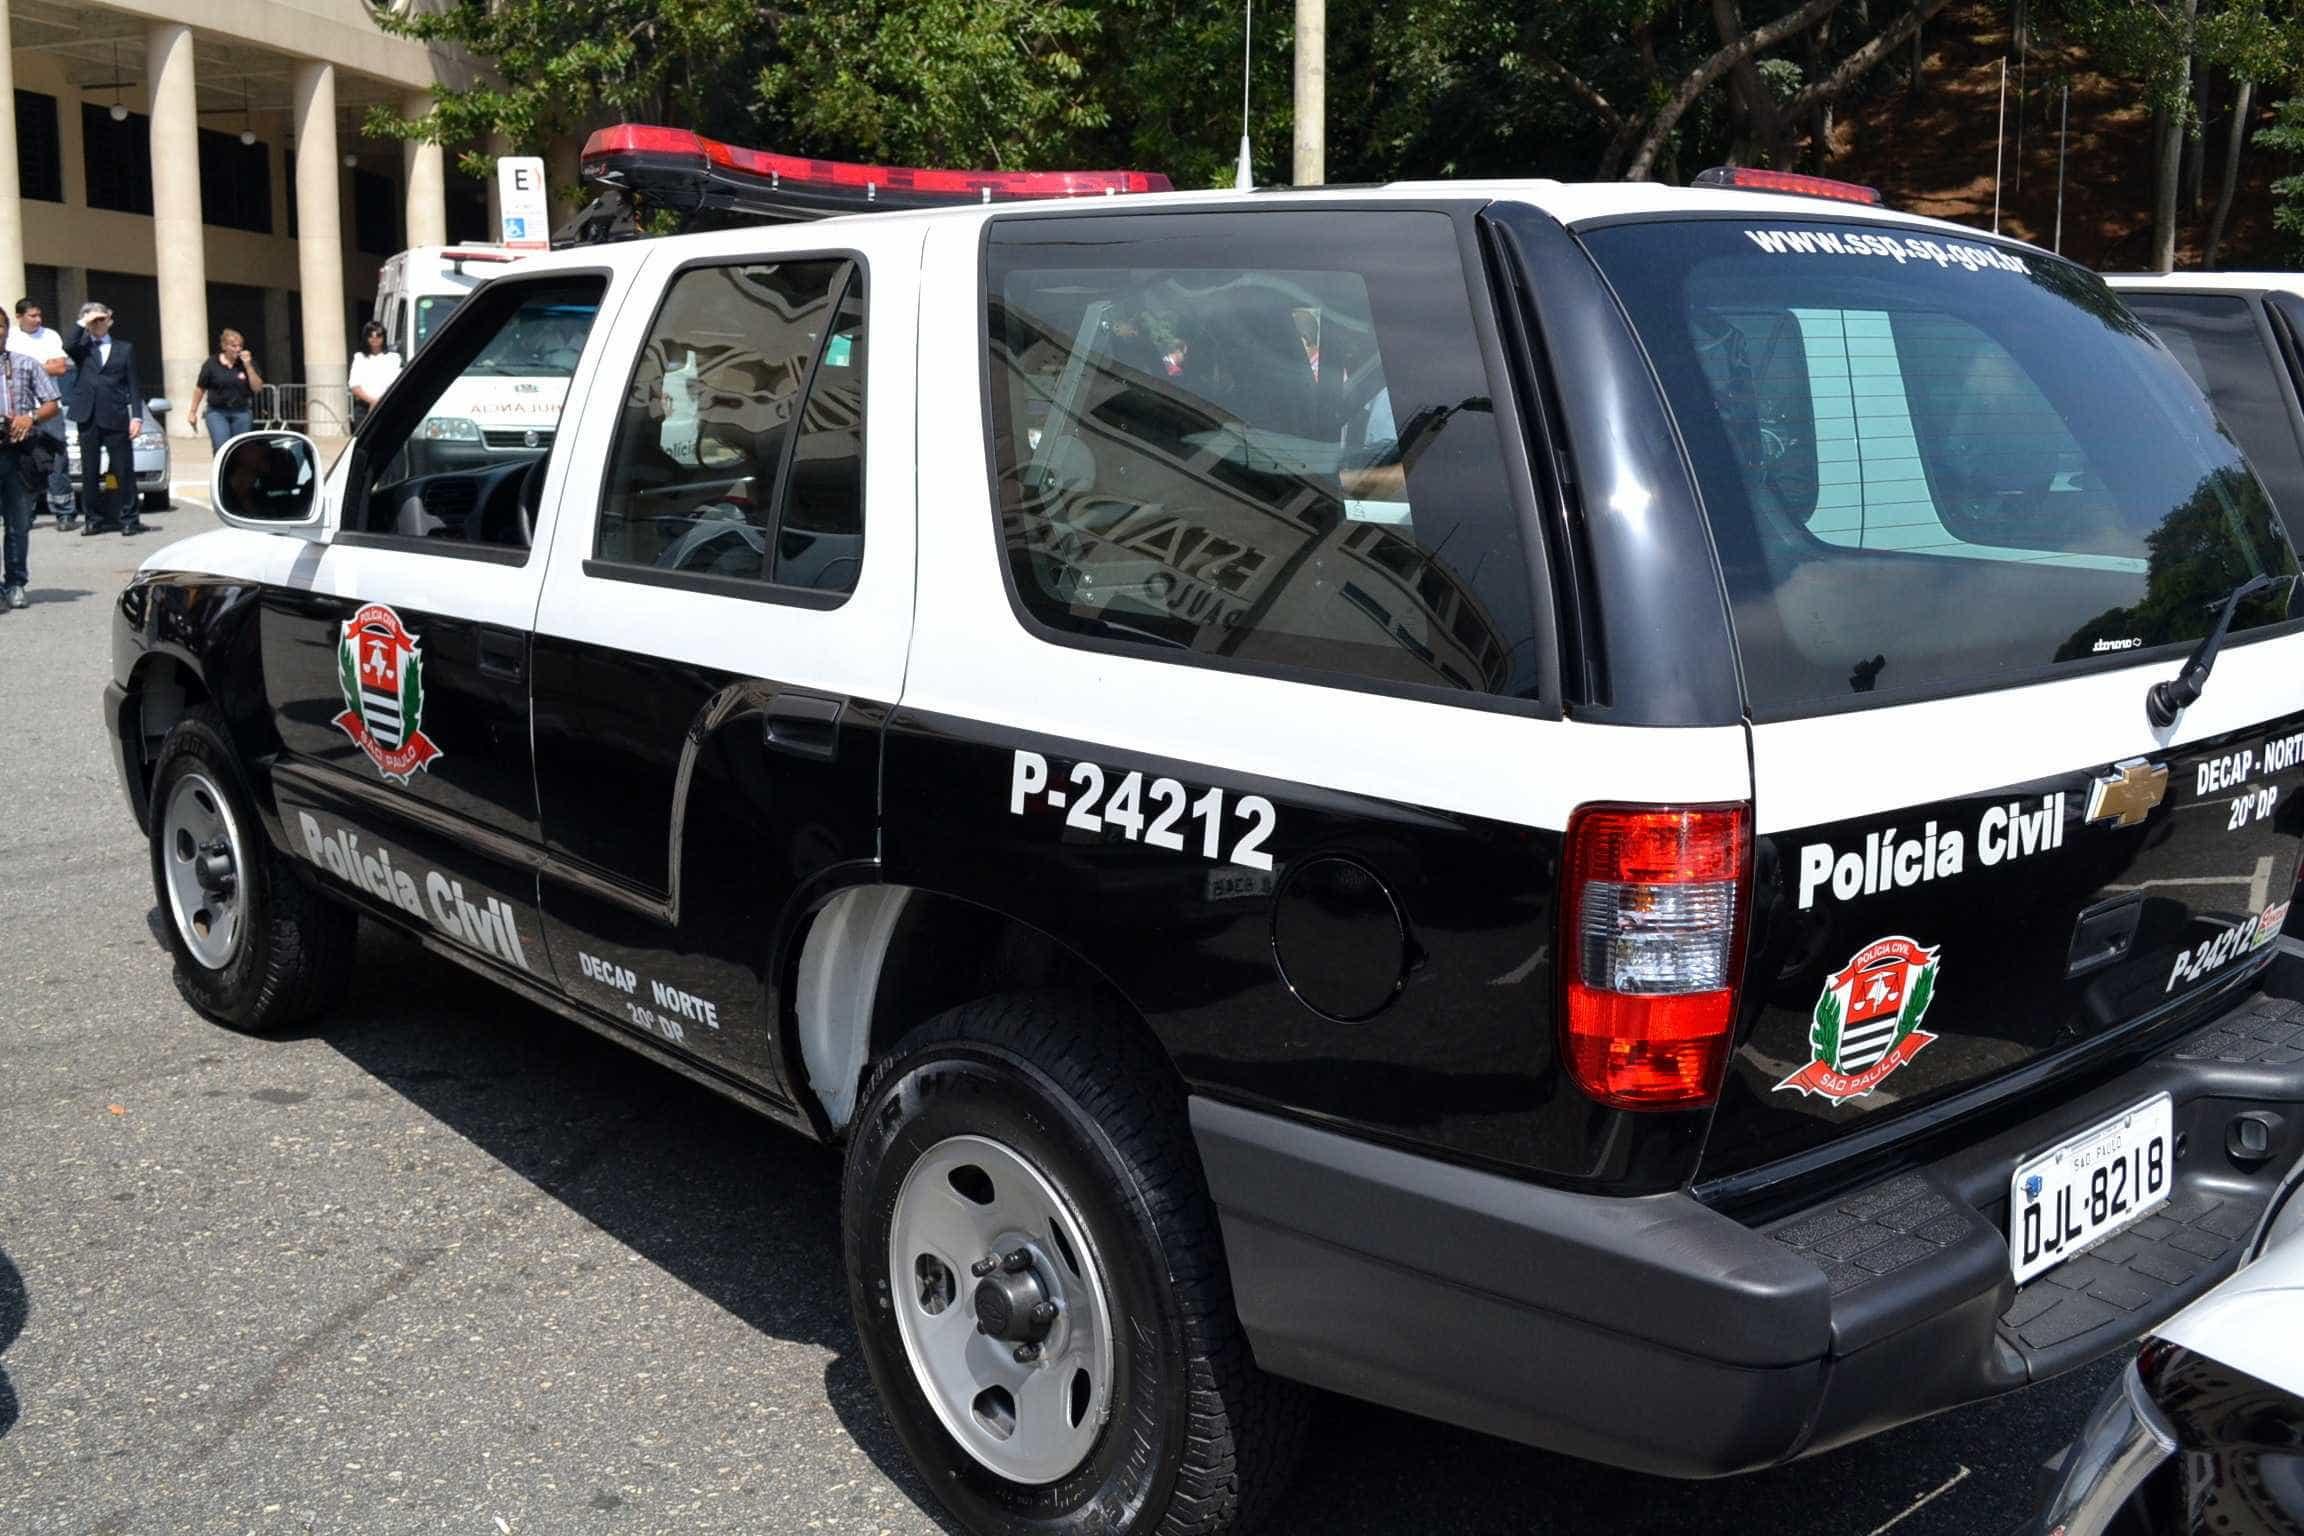 Polícia Civil faz operação para capturar foragidos da Justiça em SP